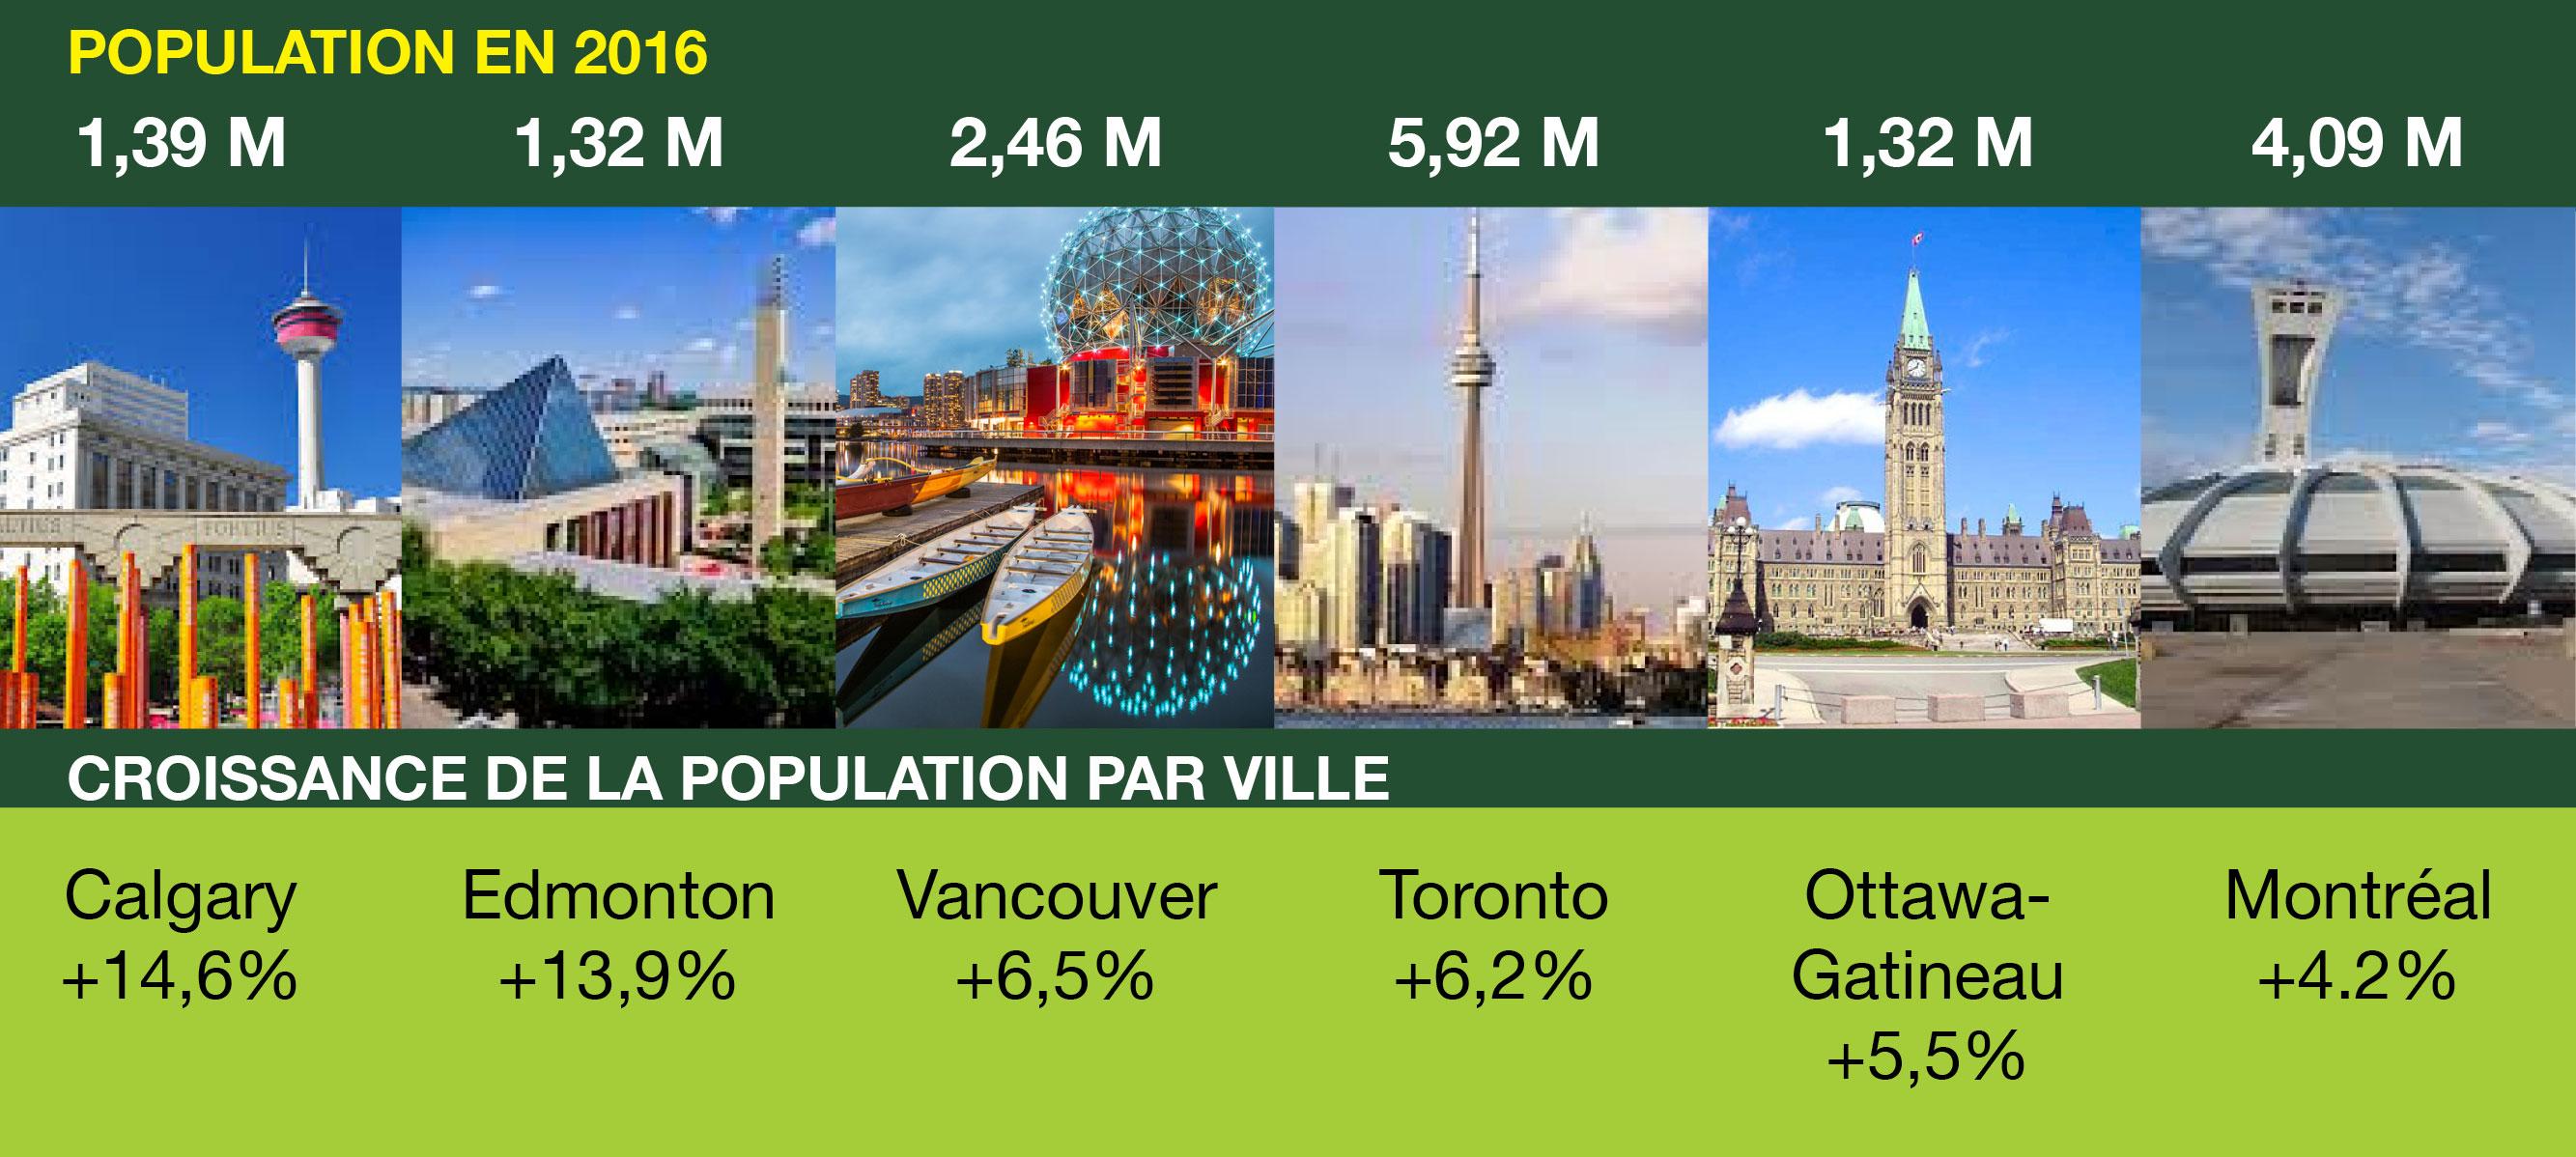 Le Canada reste l'un des meilleurs pays pour prendre sa retraite